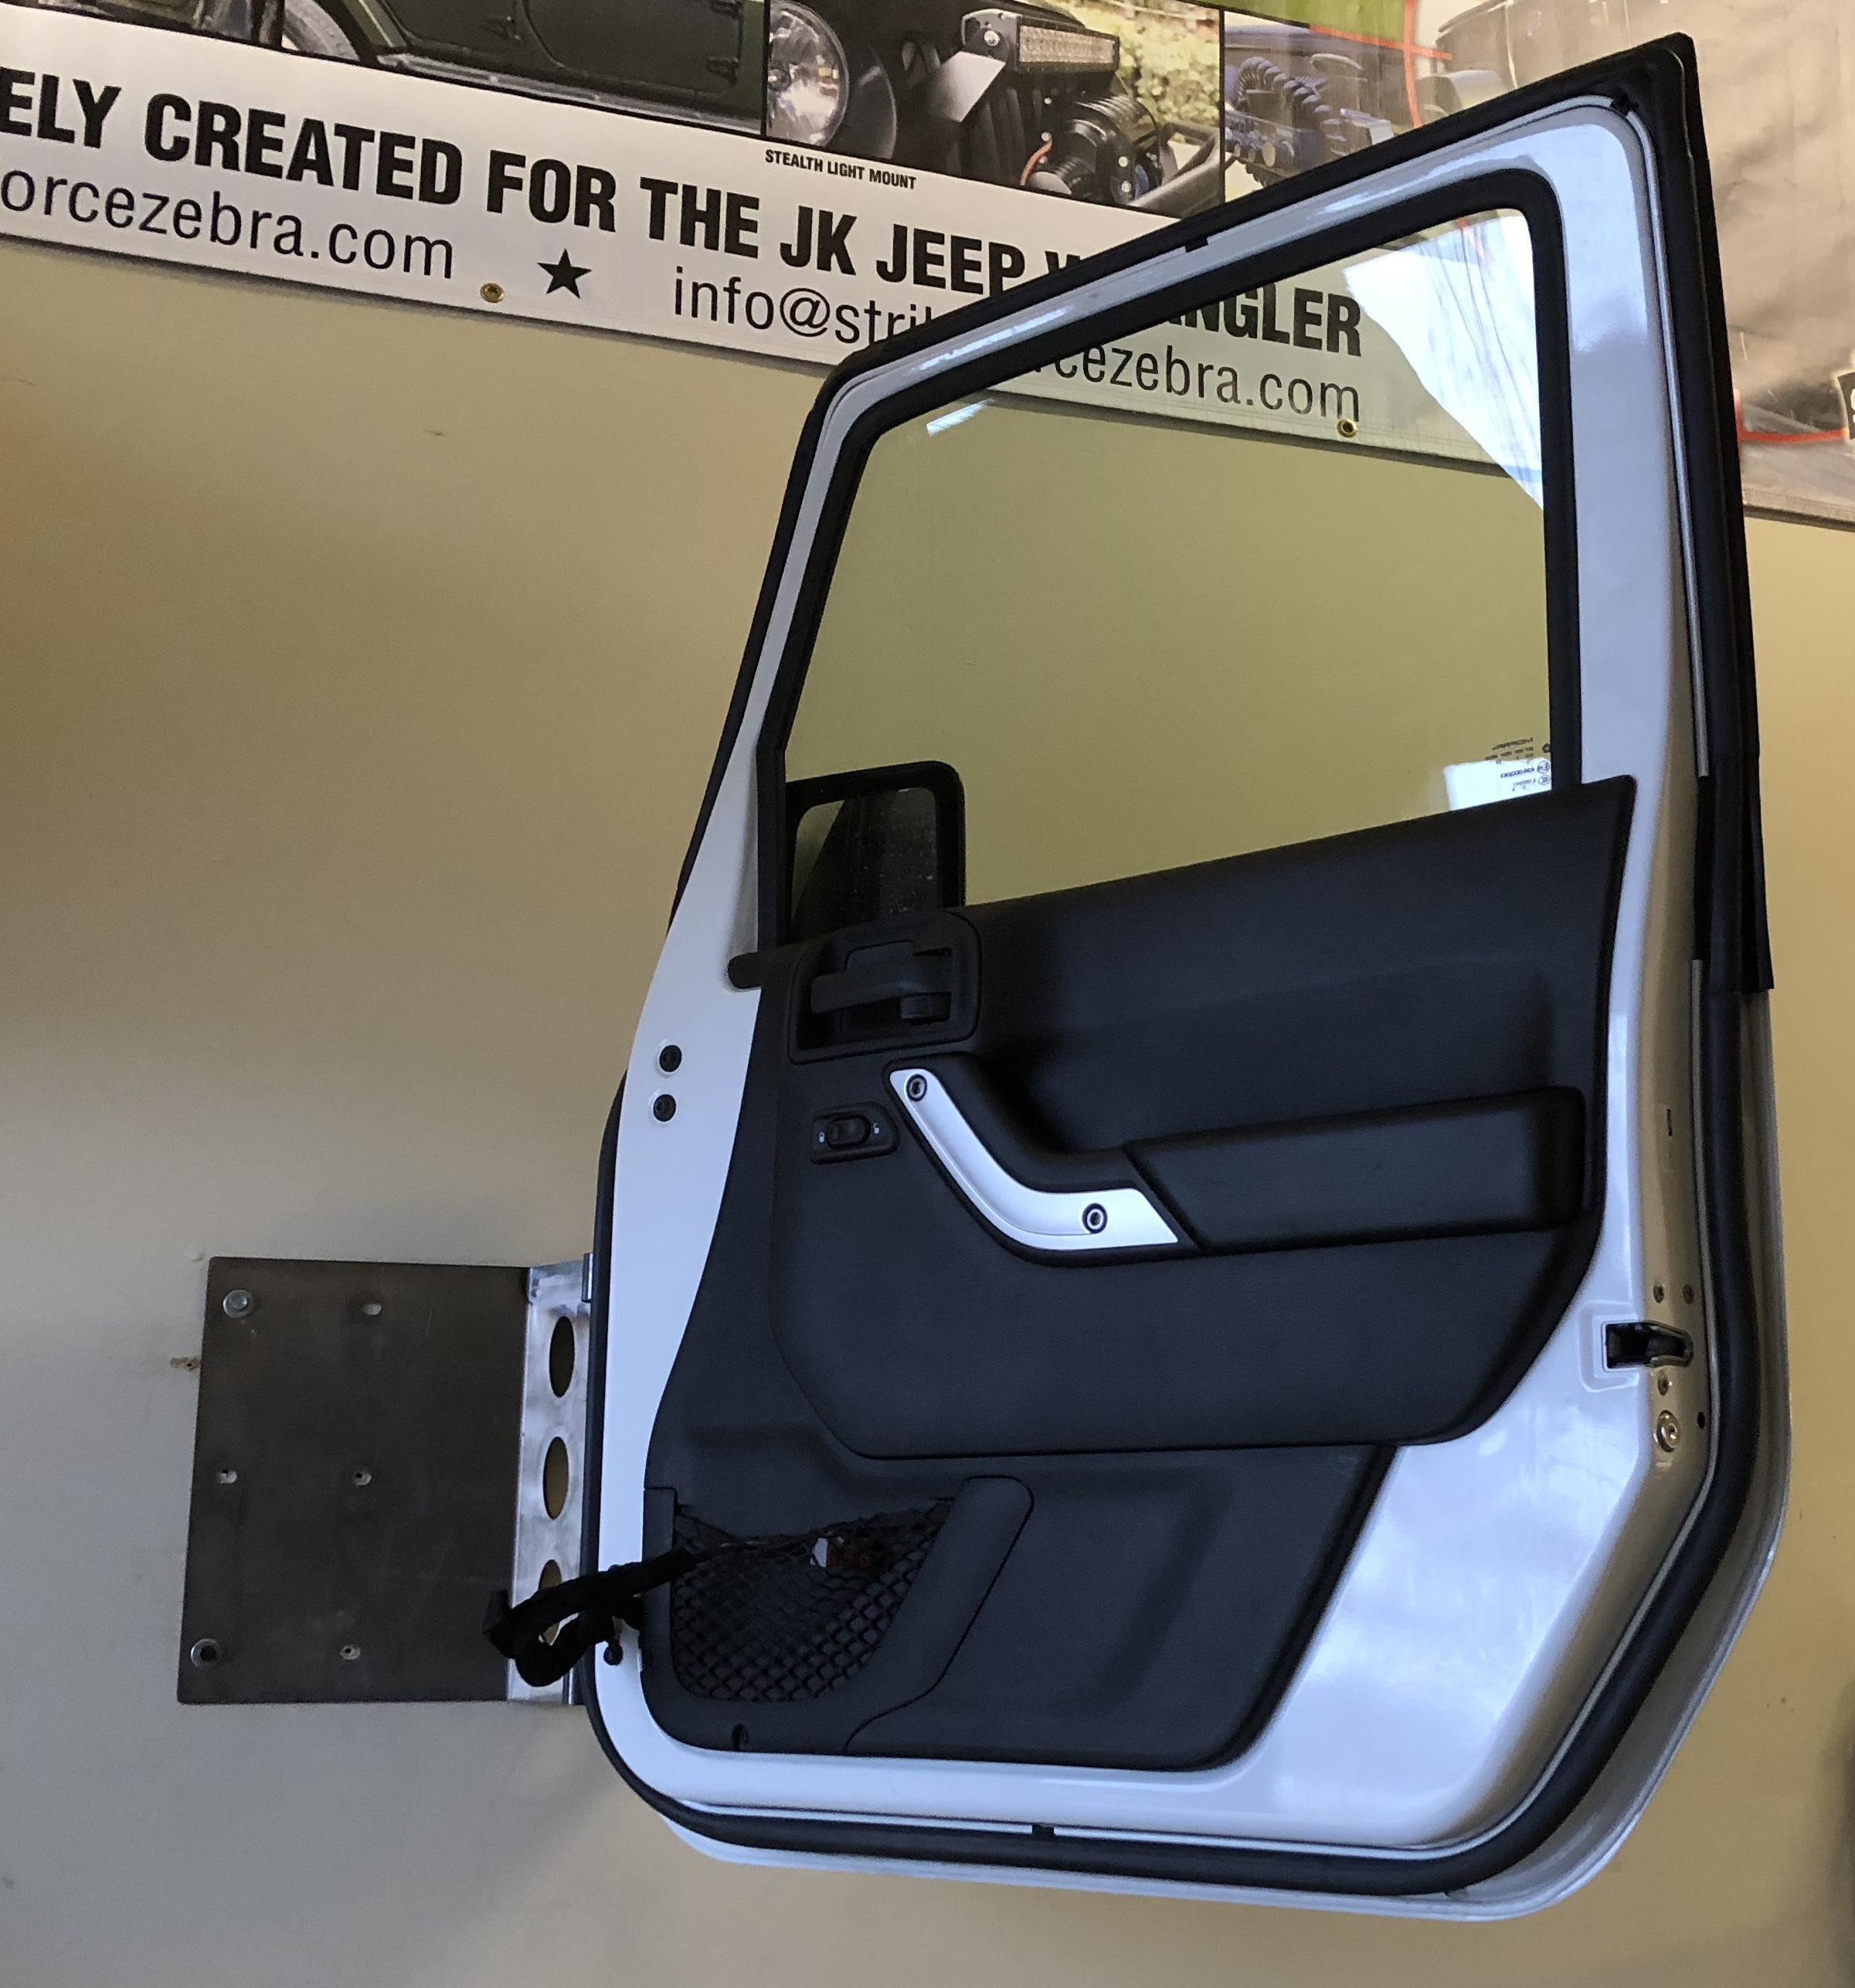 Jl Jk Door Hanger Strike Force Zebra Jeep View